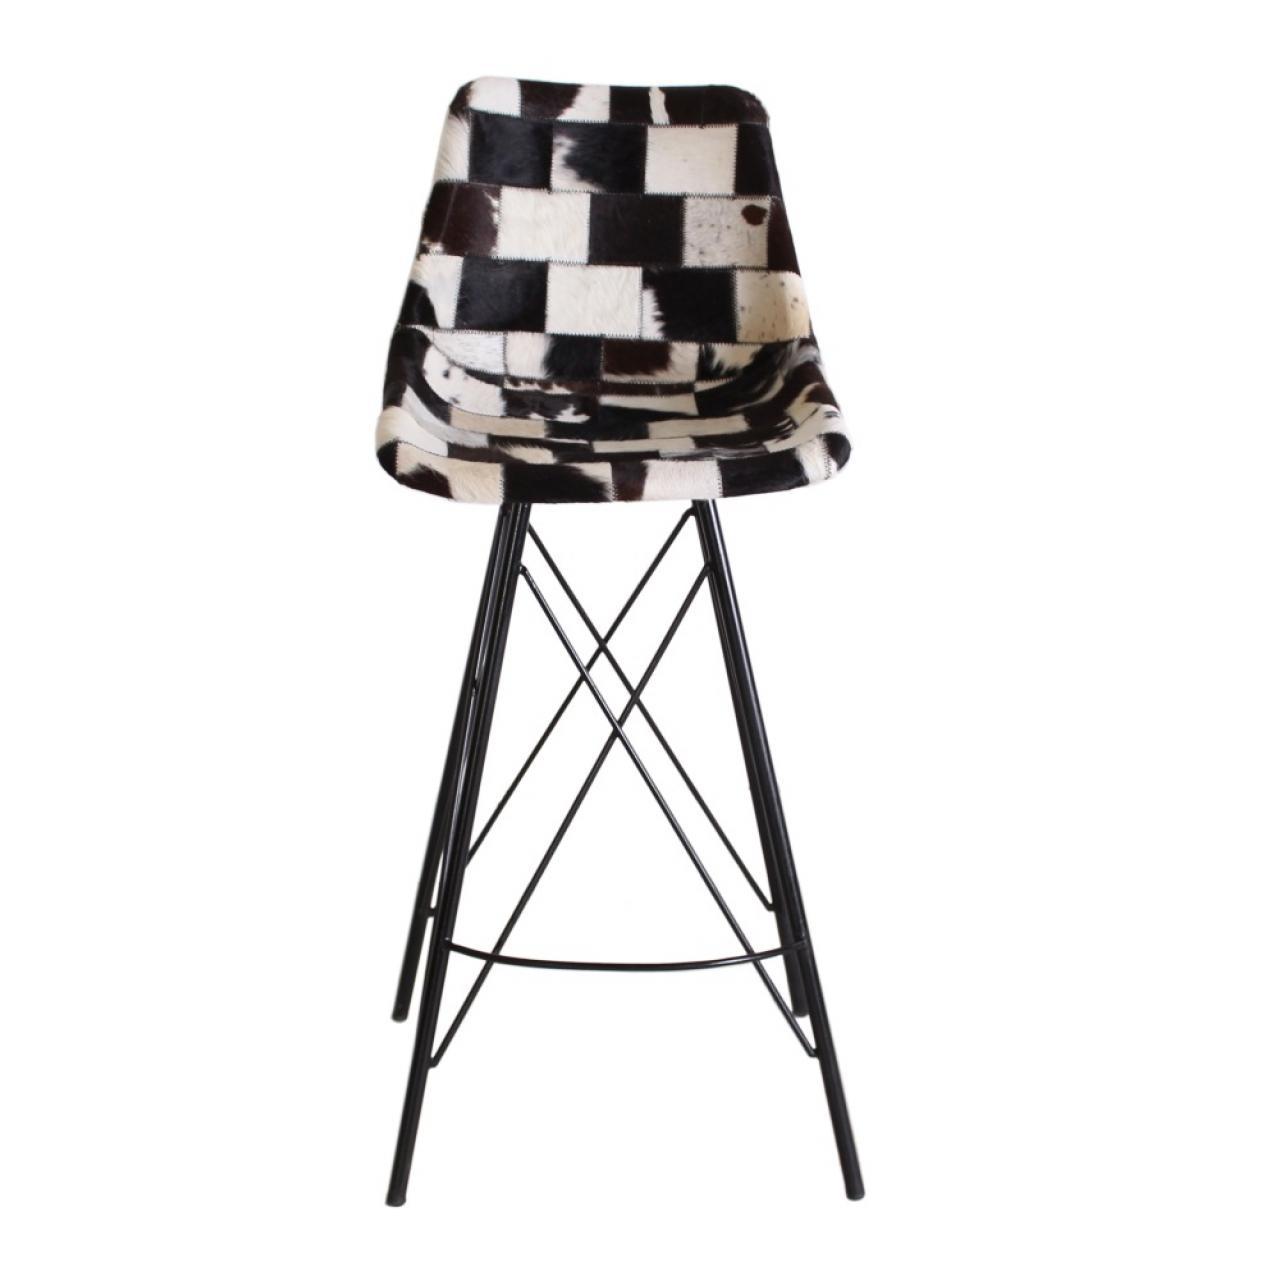 barm bel online kaufen m bel j hnichen center gmbh m bel j hnichen center gmbh. Black Bedroom Furniture Sets. Home Design Ideas